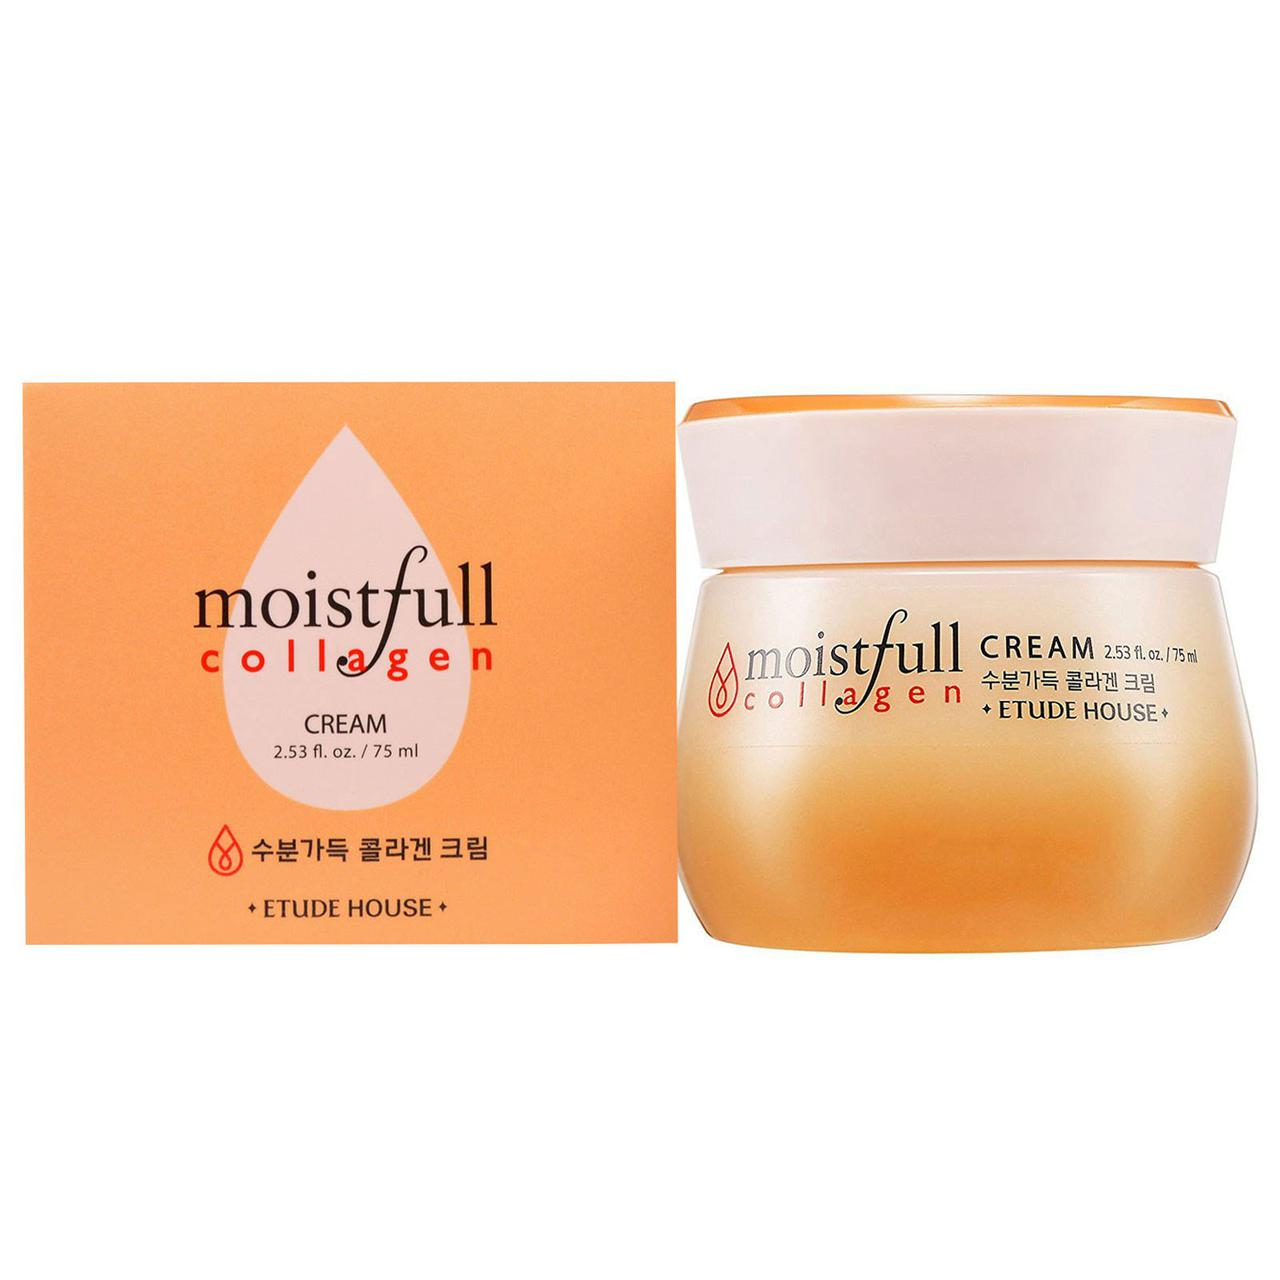 Увлажняющий крем с коллагеном ETUDE HOUSE Moistfull Collagen Cream